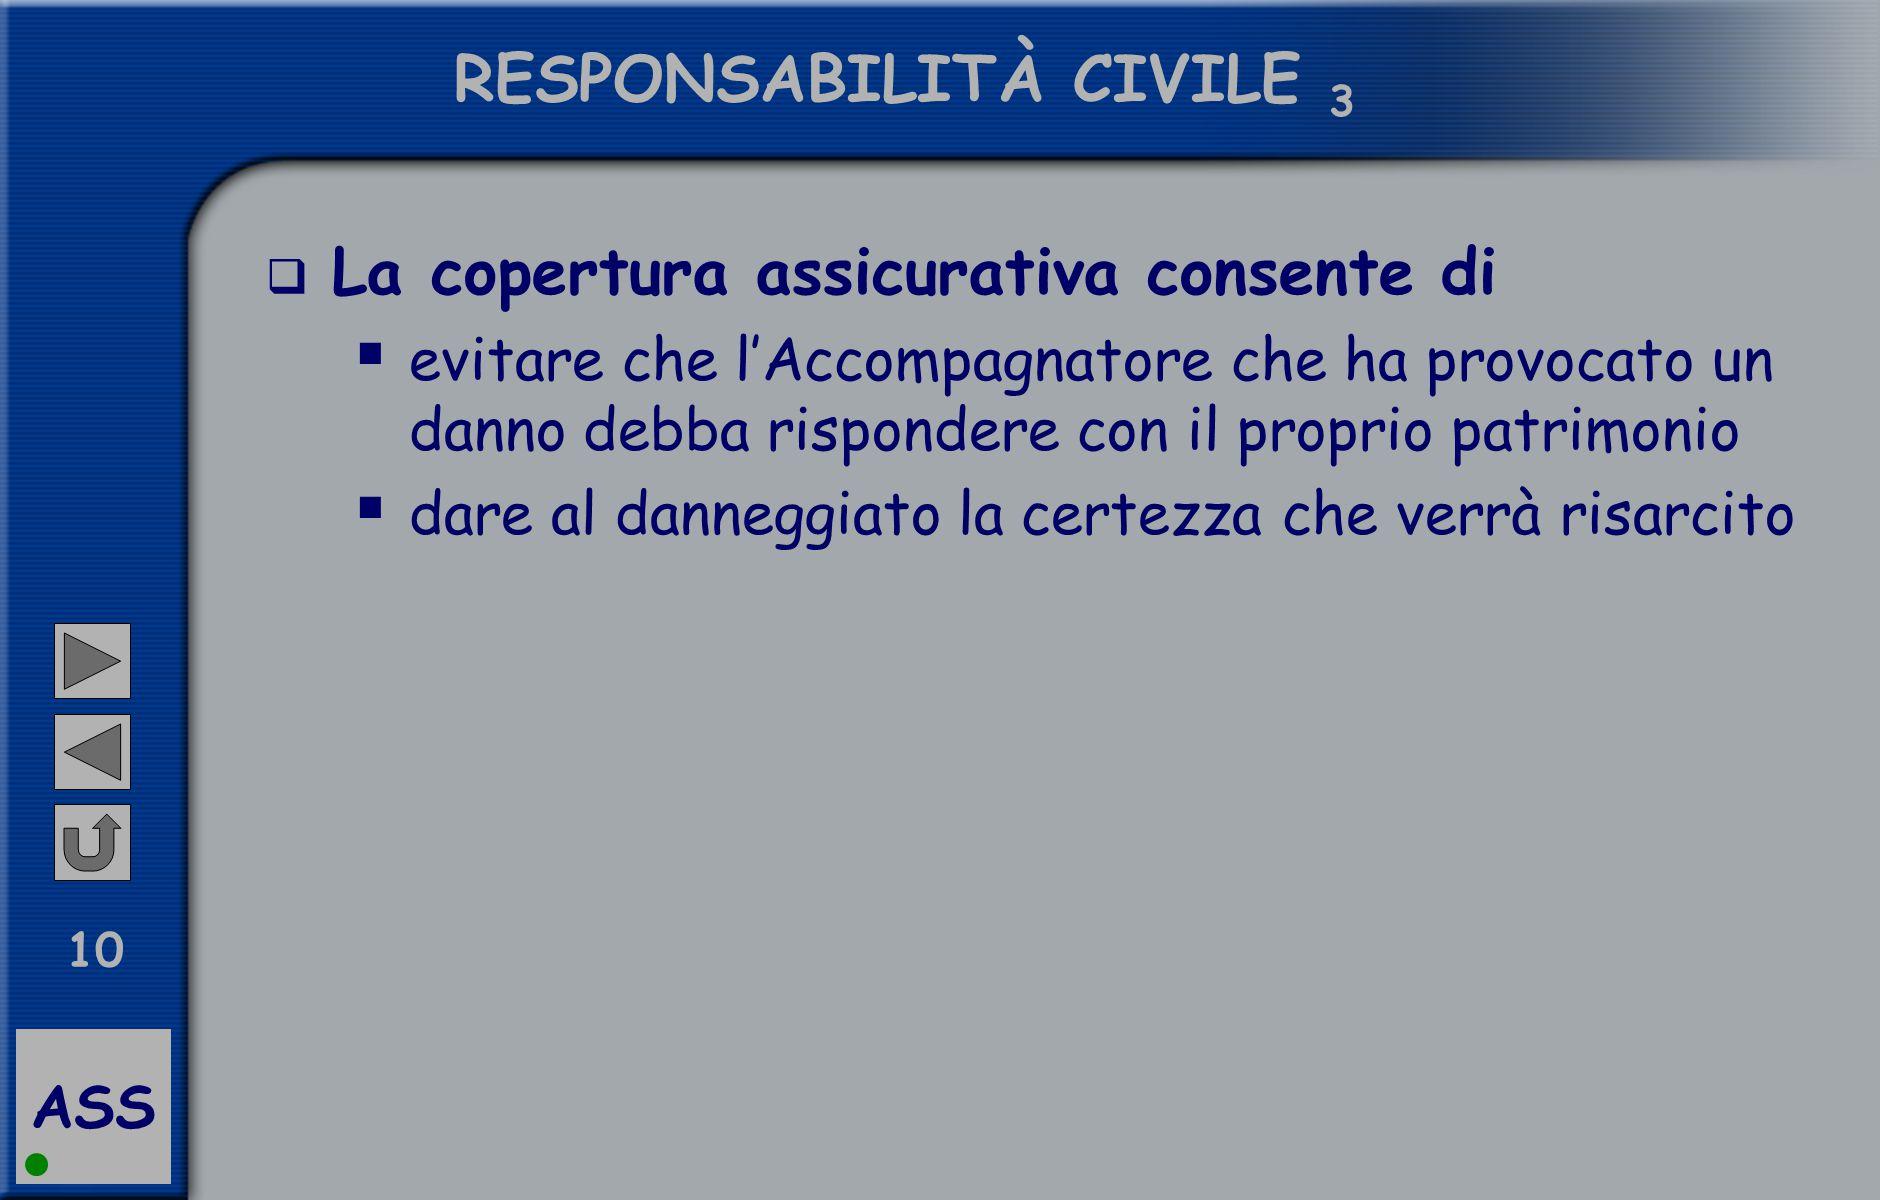 ASS 10 RESPONSABILITÀ CIVILE 3  La copertura assicurativa consente di  evitare che l'Accompagnatore che ha provocato un danno debba rispondere con i